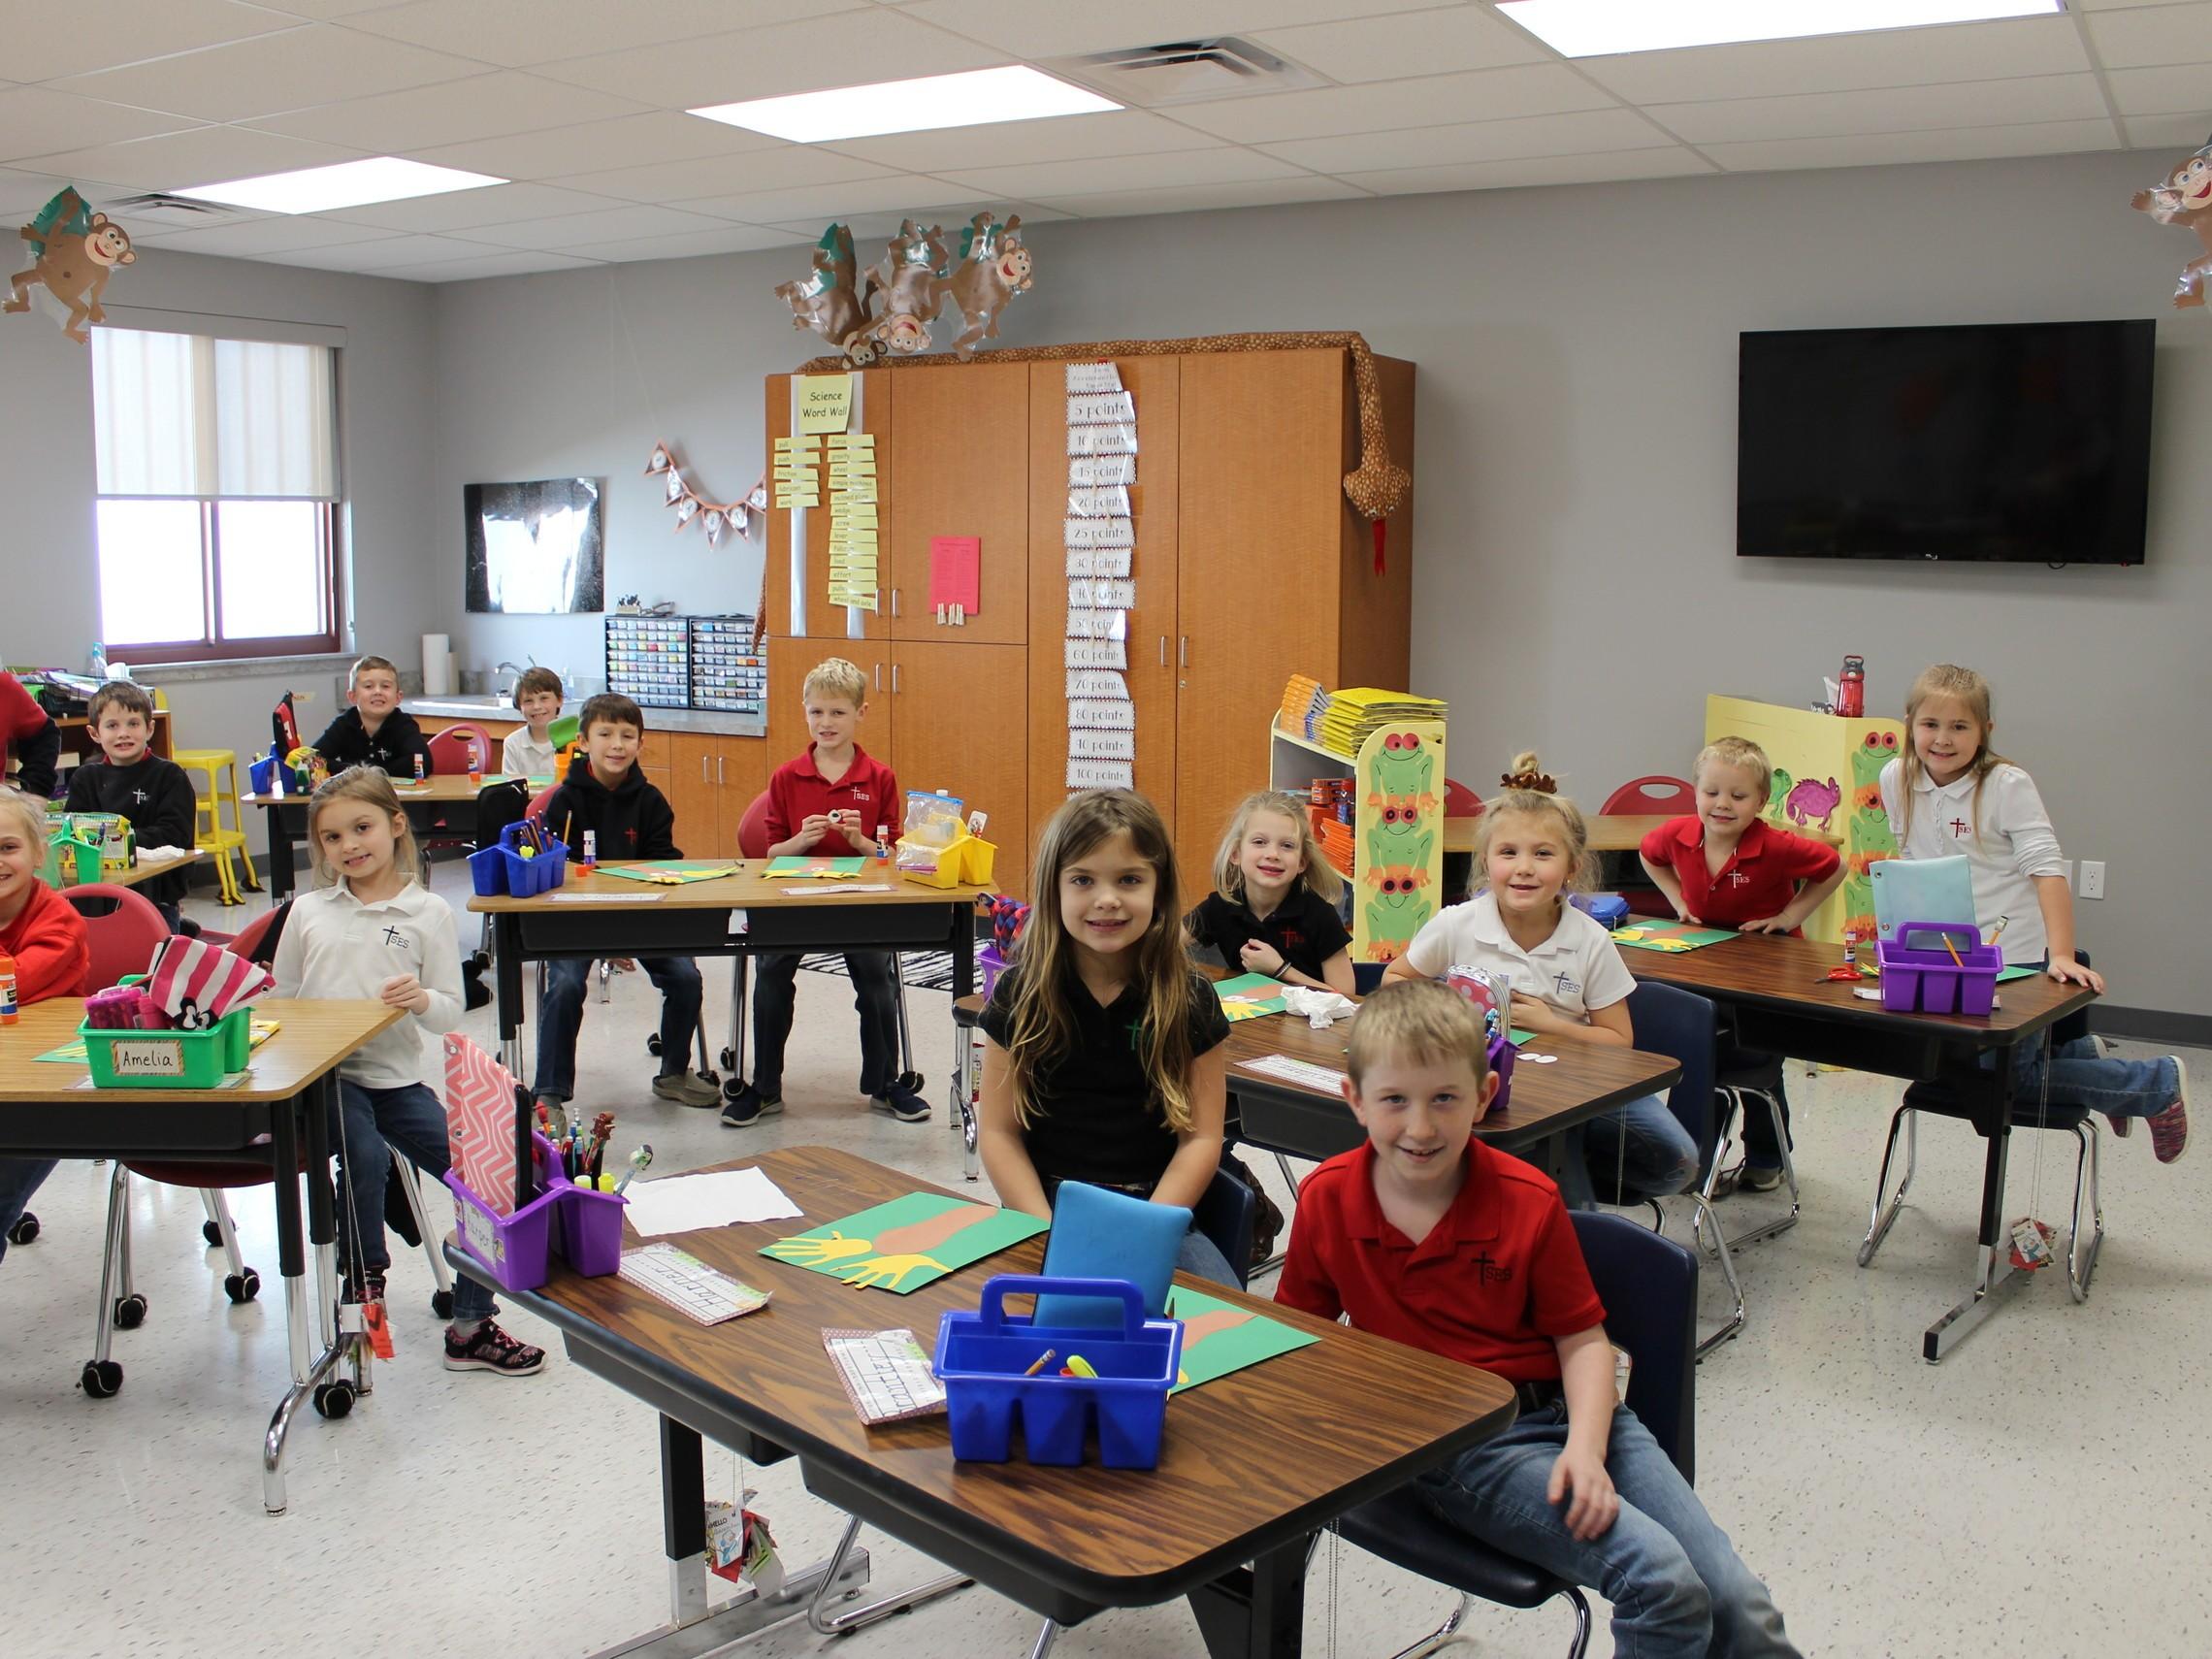 St. Eustachius classroom